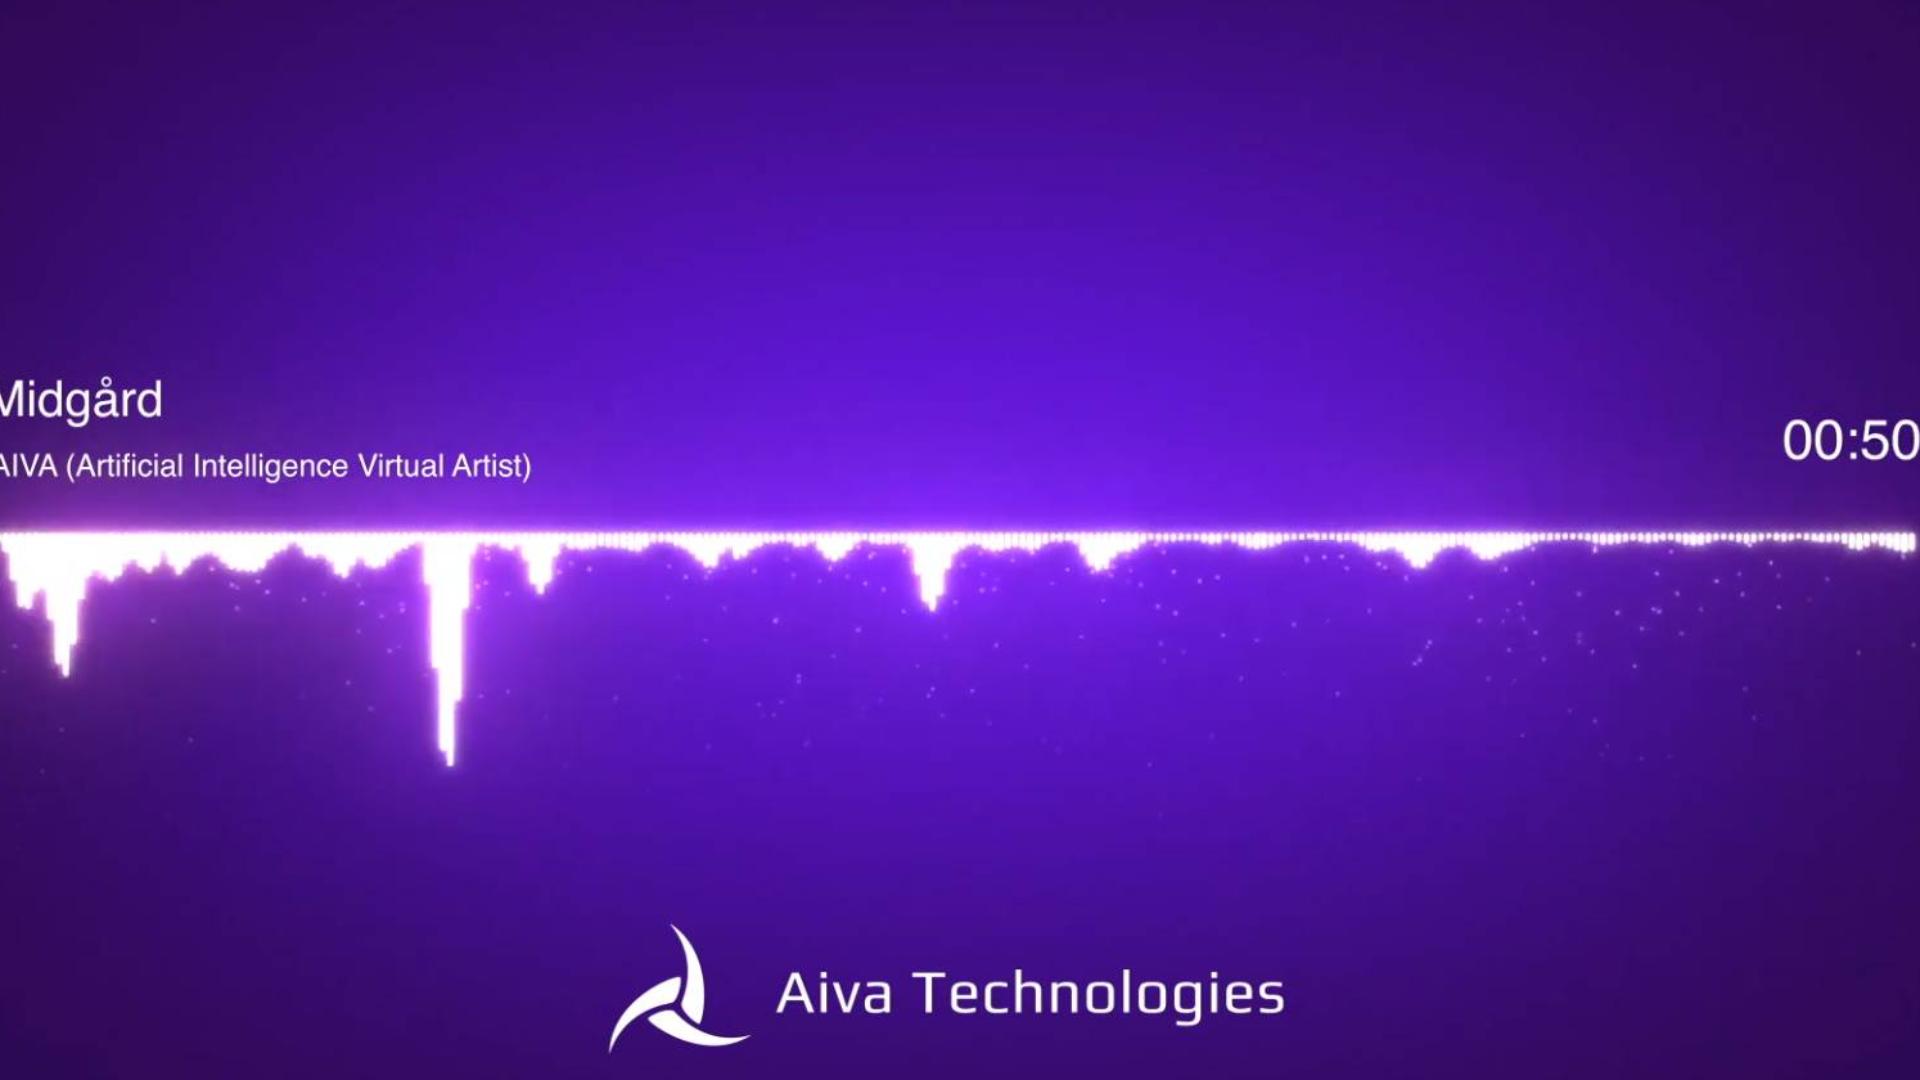 【人工智能作曲】你能听出来这首曲子是AI创作的么? Aiva 2019